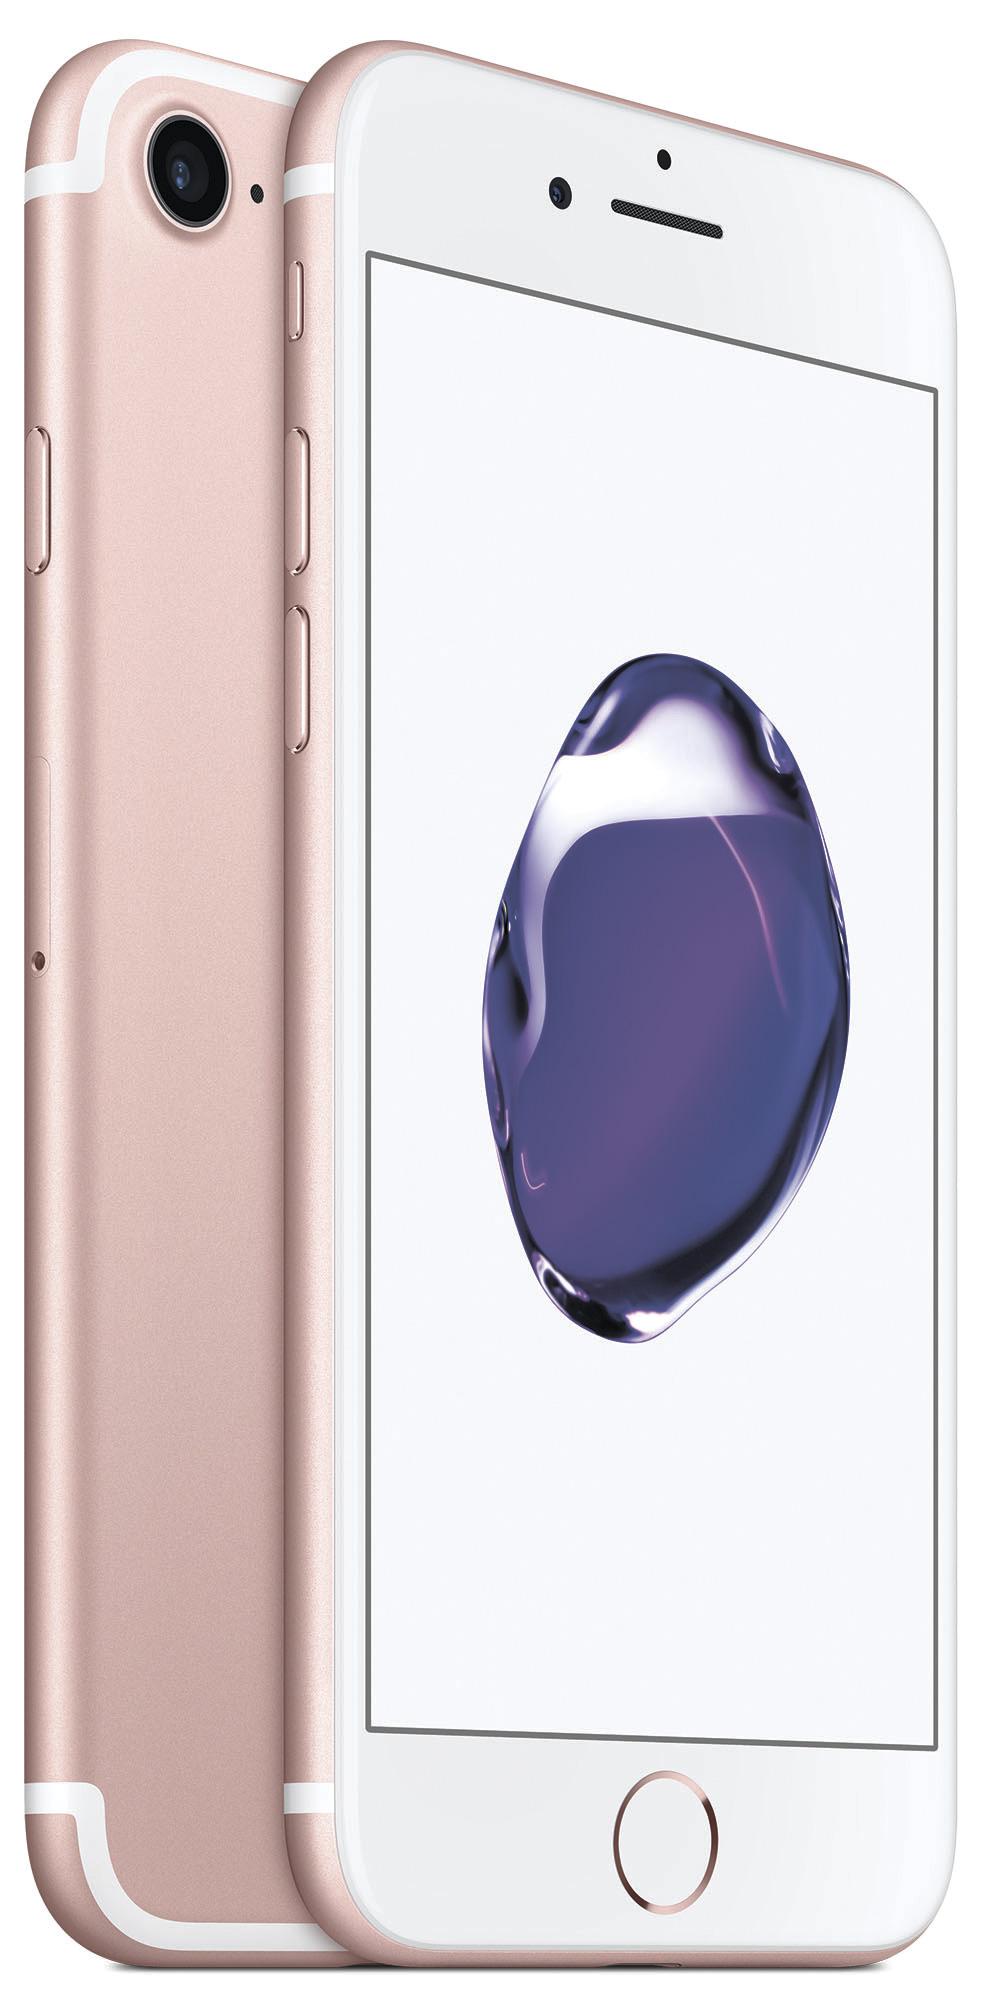 Мобильный телефон Apple iPhone 7 32GB (розовое золото) фото